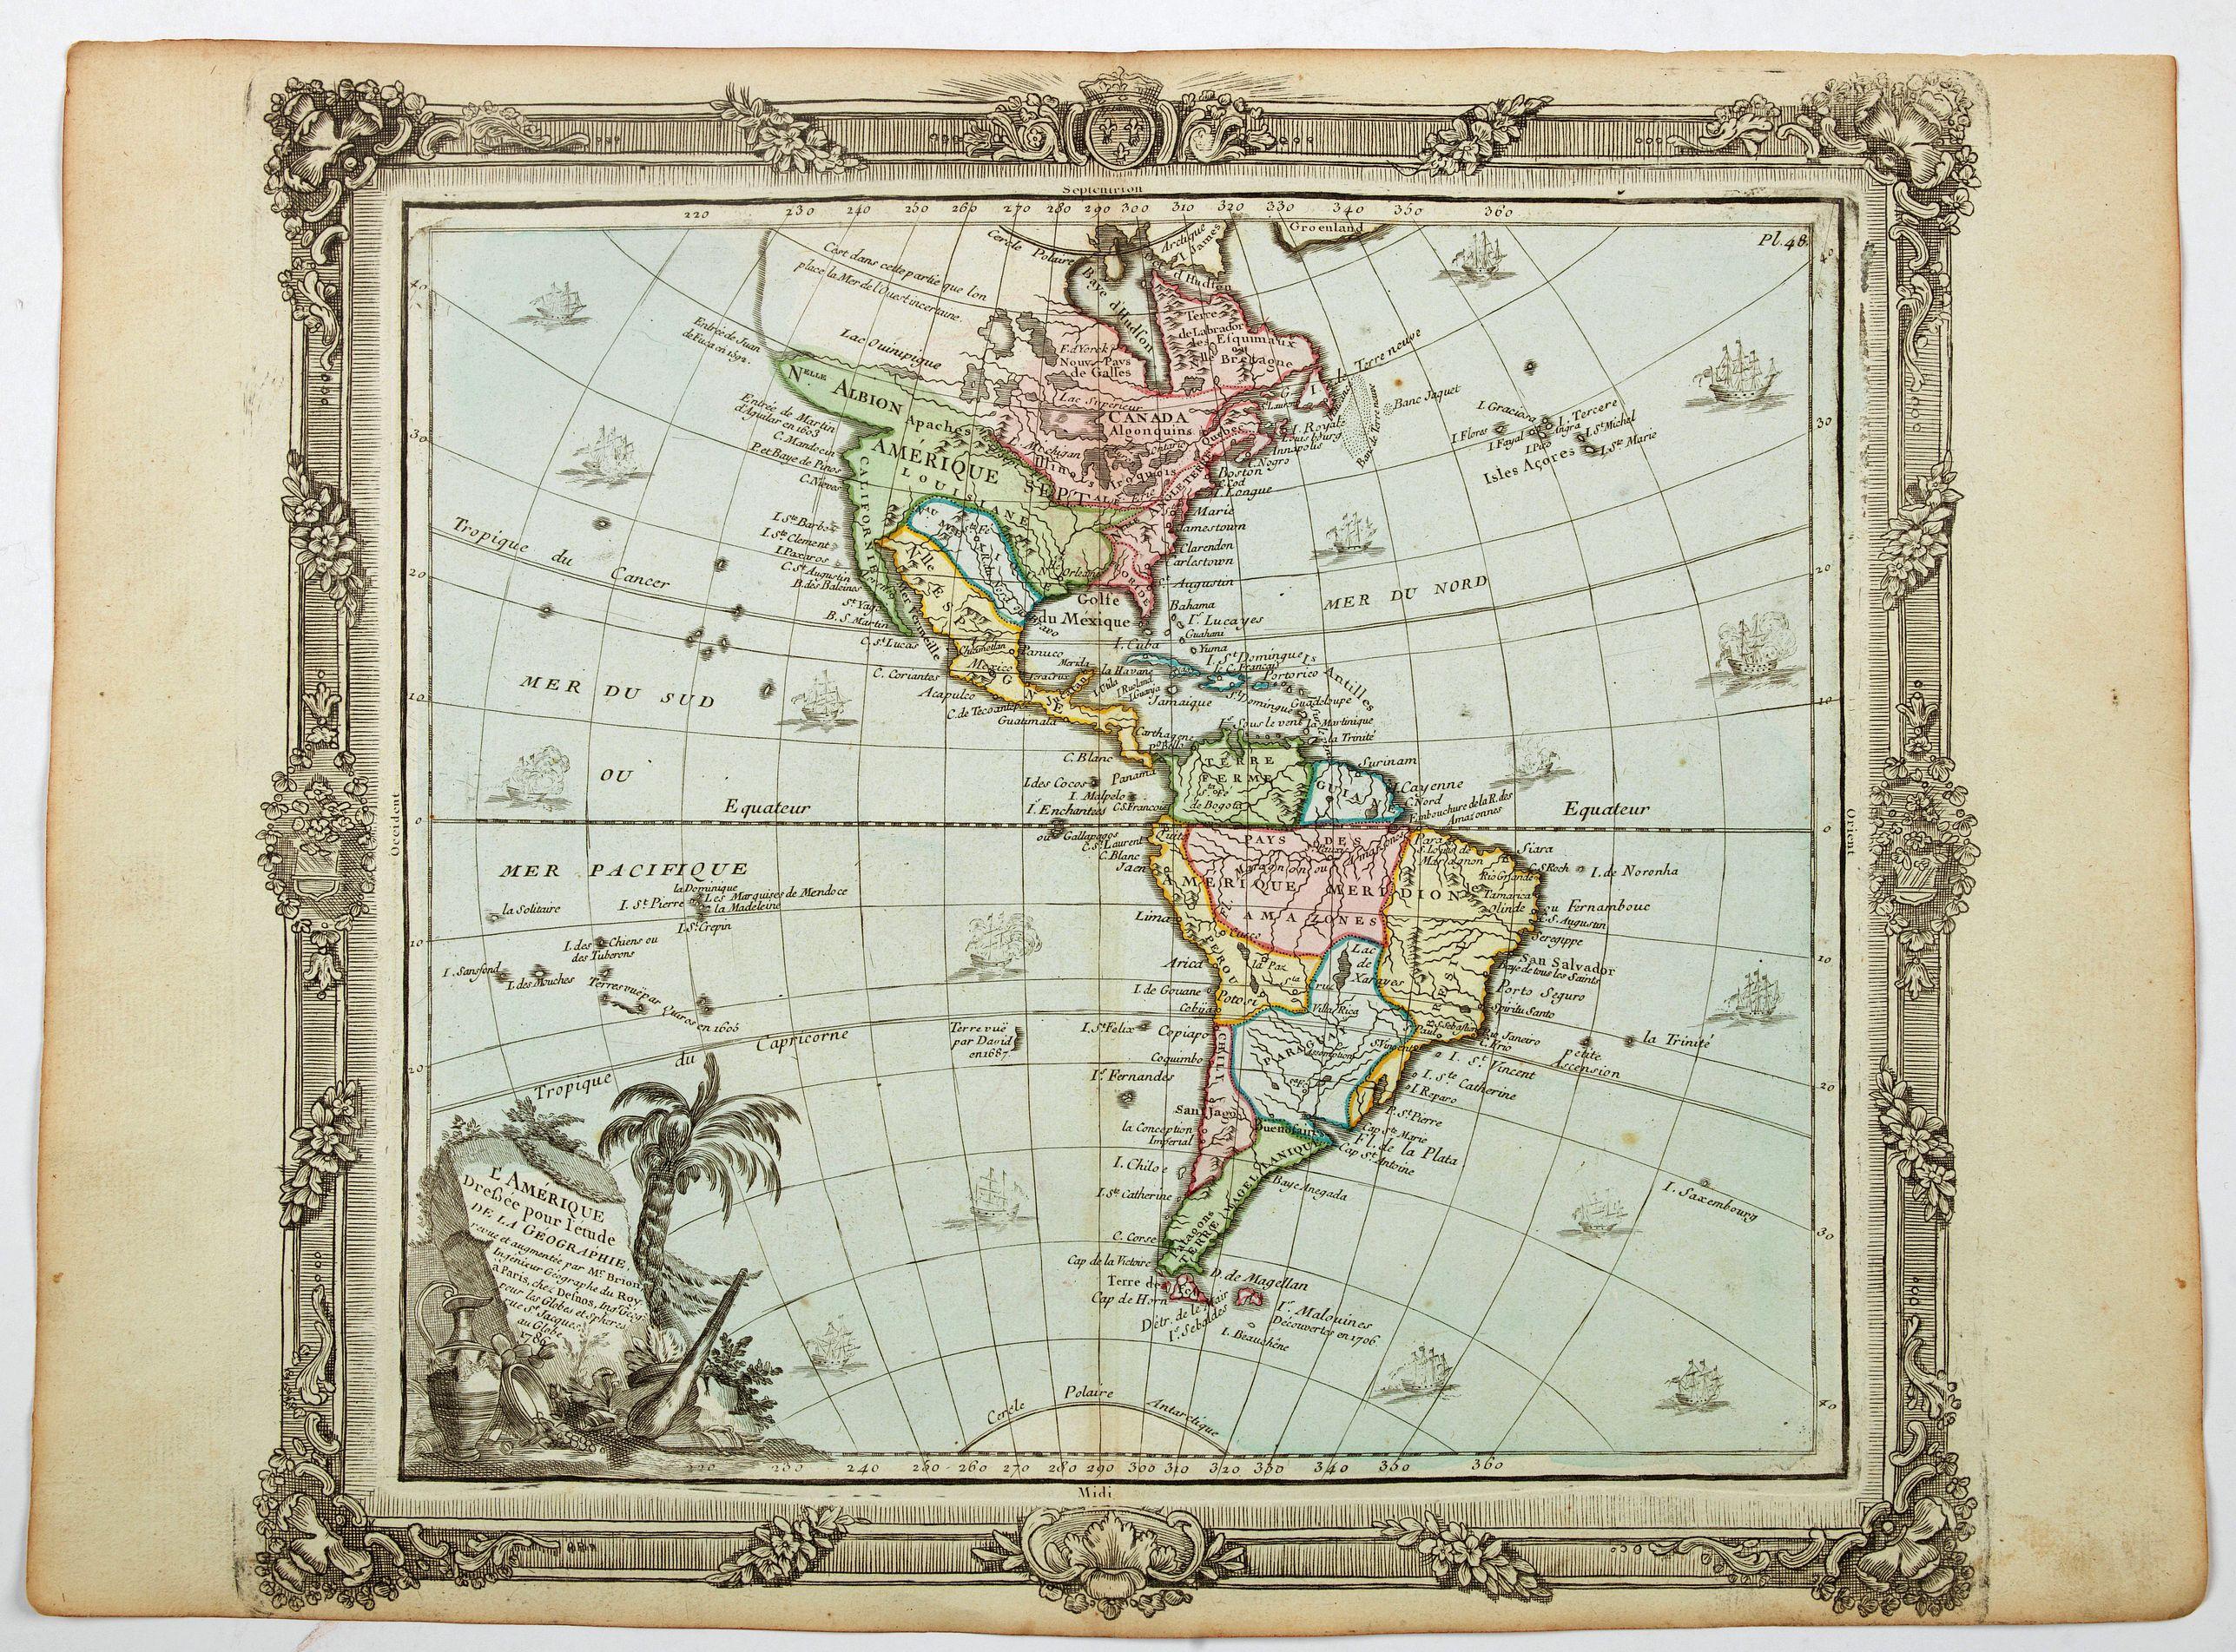 DESNOS / BRION. - L'Amerique dressee pour l'etude de la geogrpahie. . .